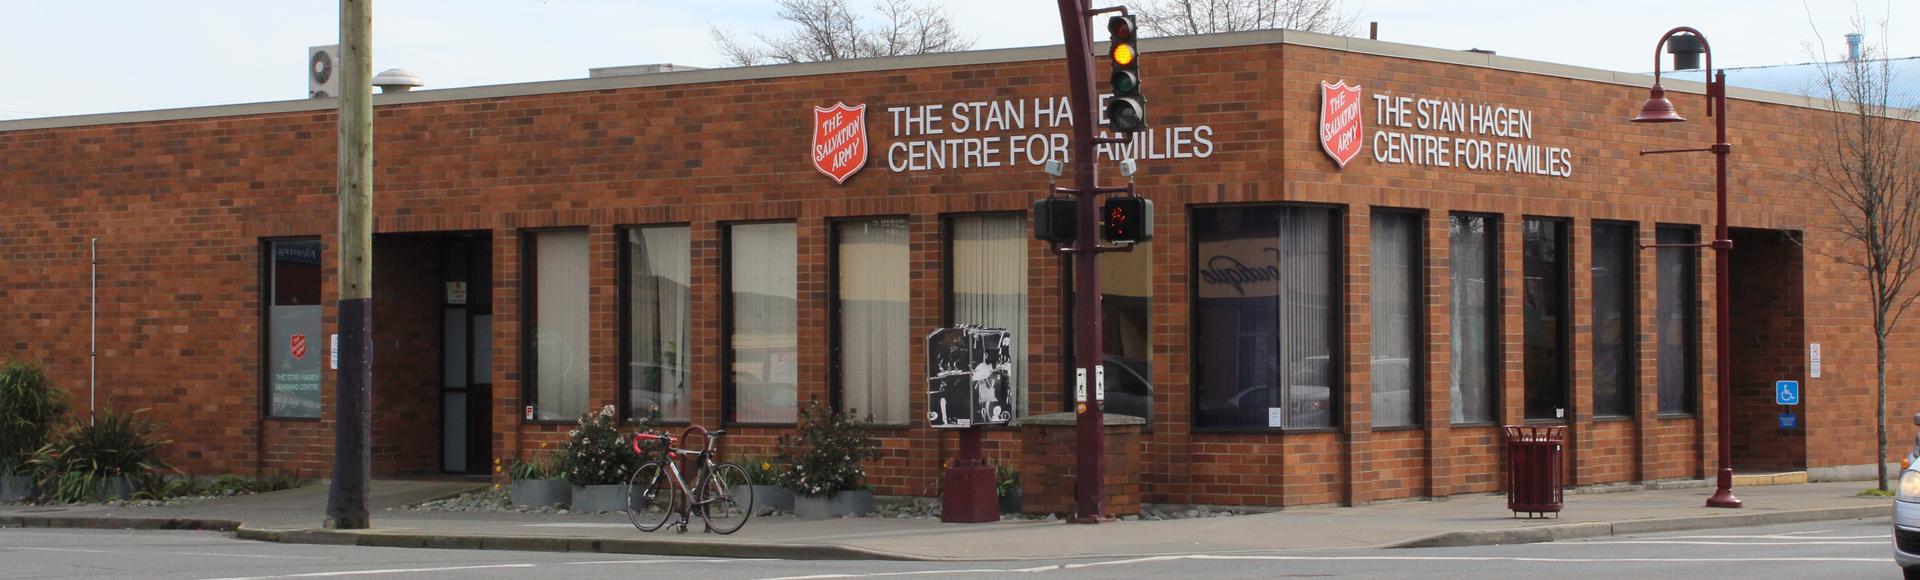 Stan Hagen Homepage 1920x580